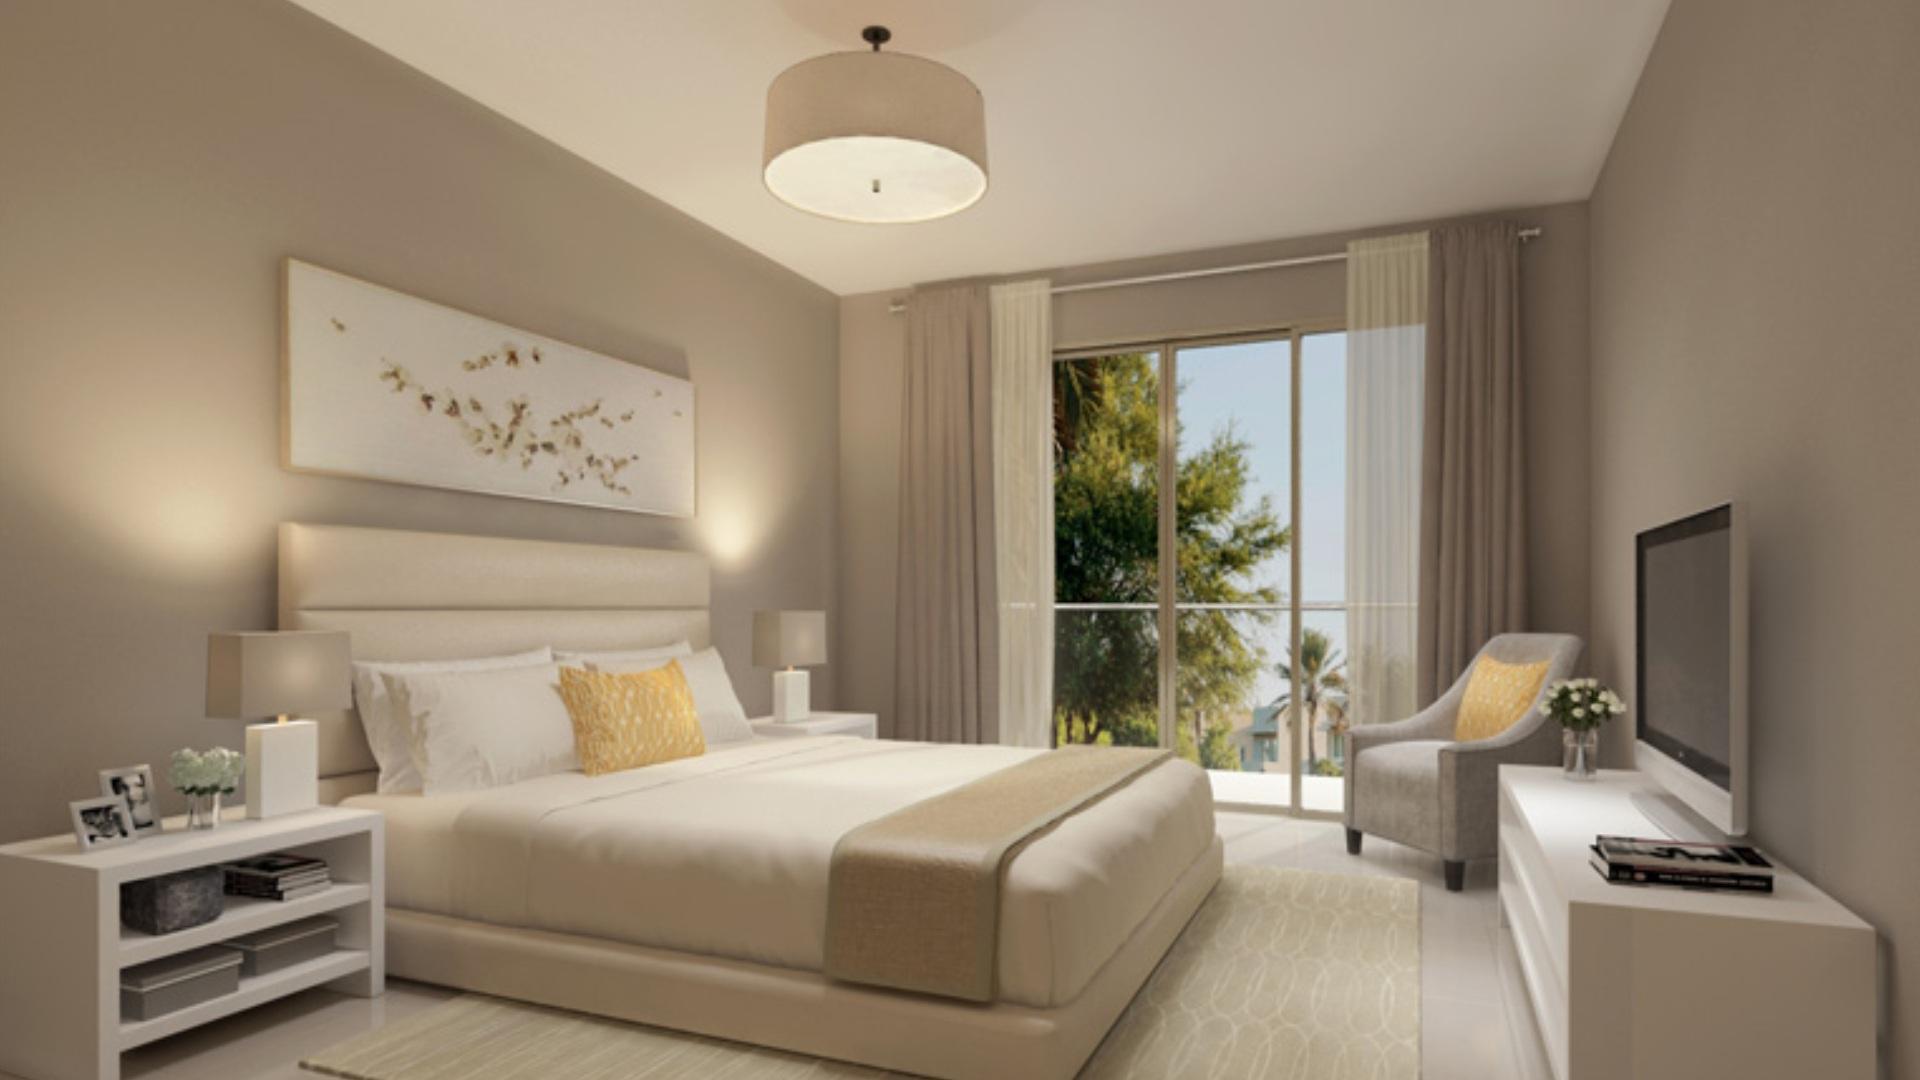 Adosado en venta en Dubai, EAU, 4 dormitorios, 292 m2, № 24375 – foto 6